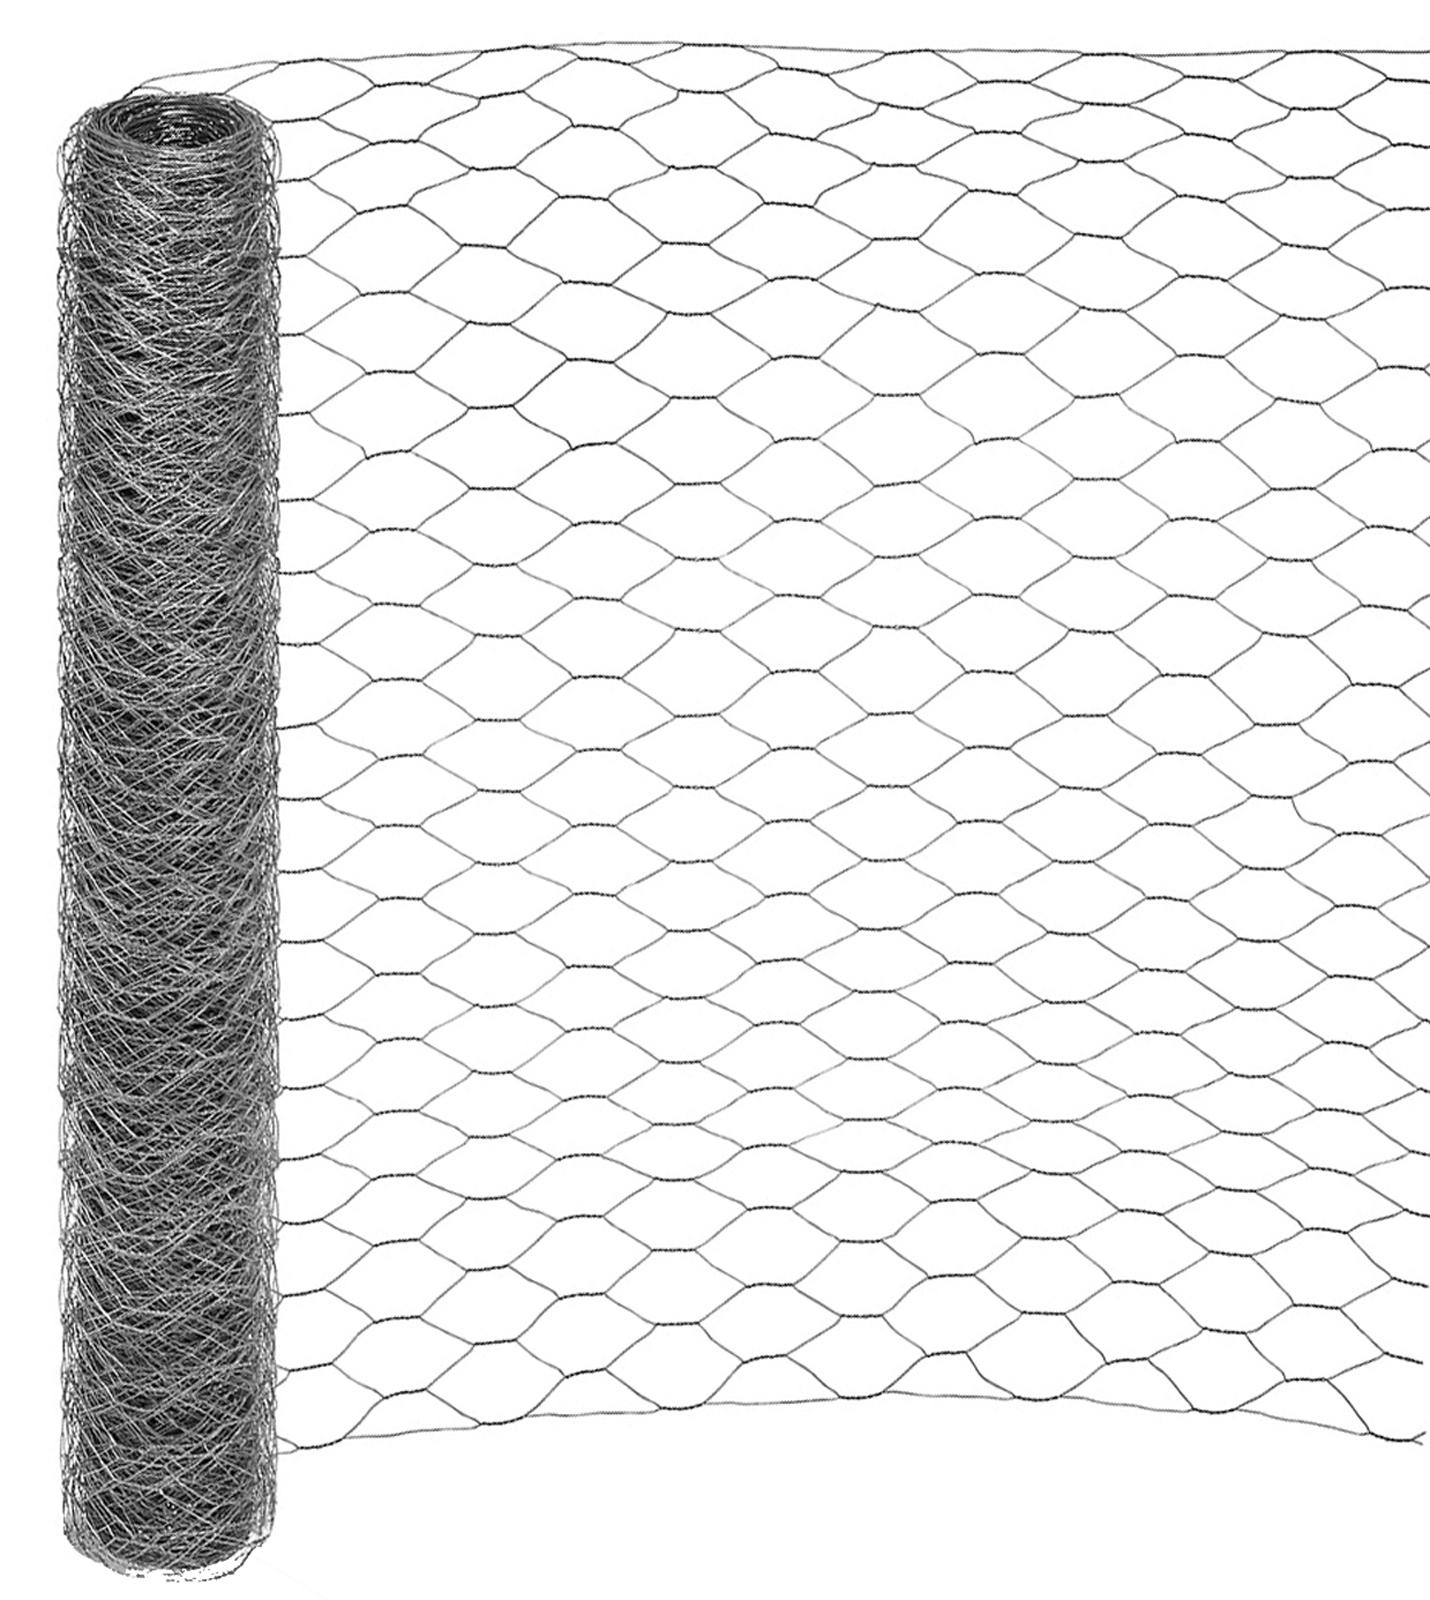 Sechseckgeflecht Kaninchendraht 25 m 25 mm Masche 50 cm